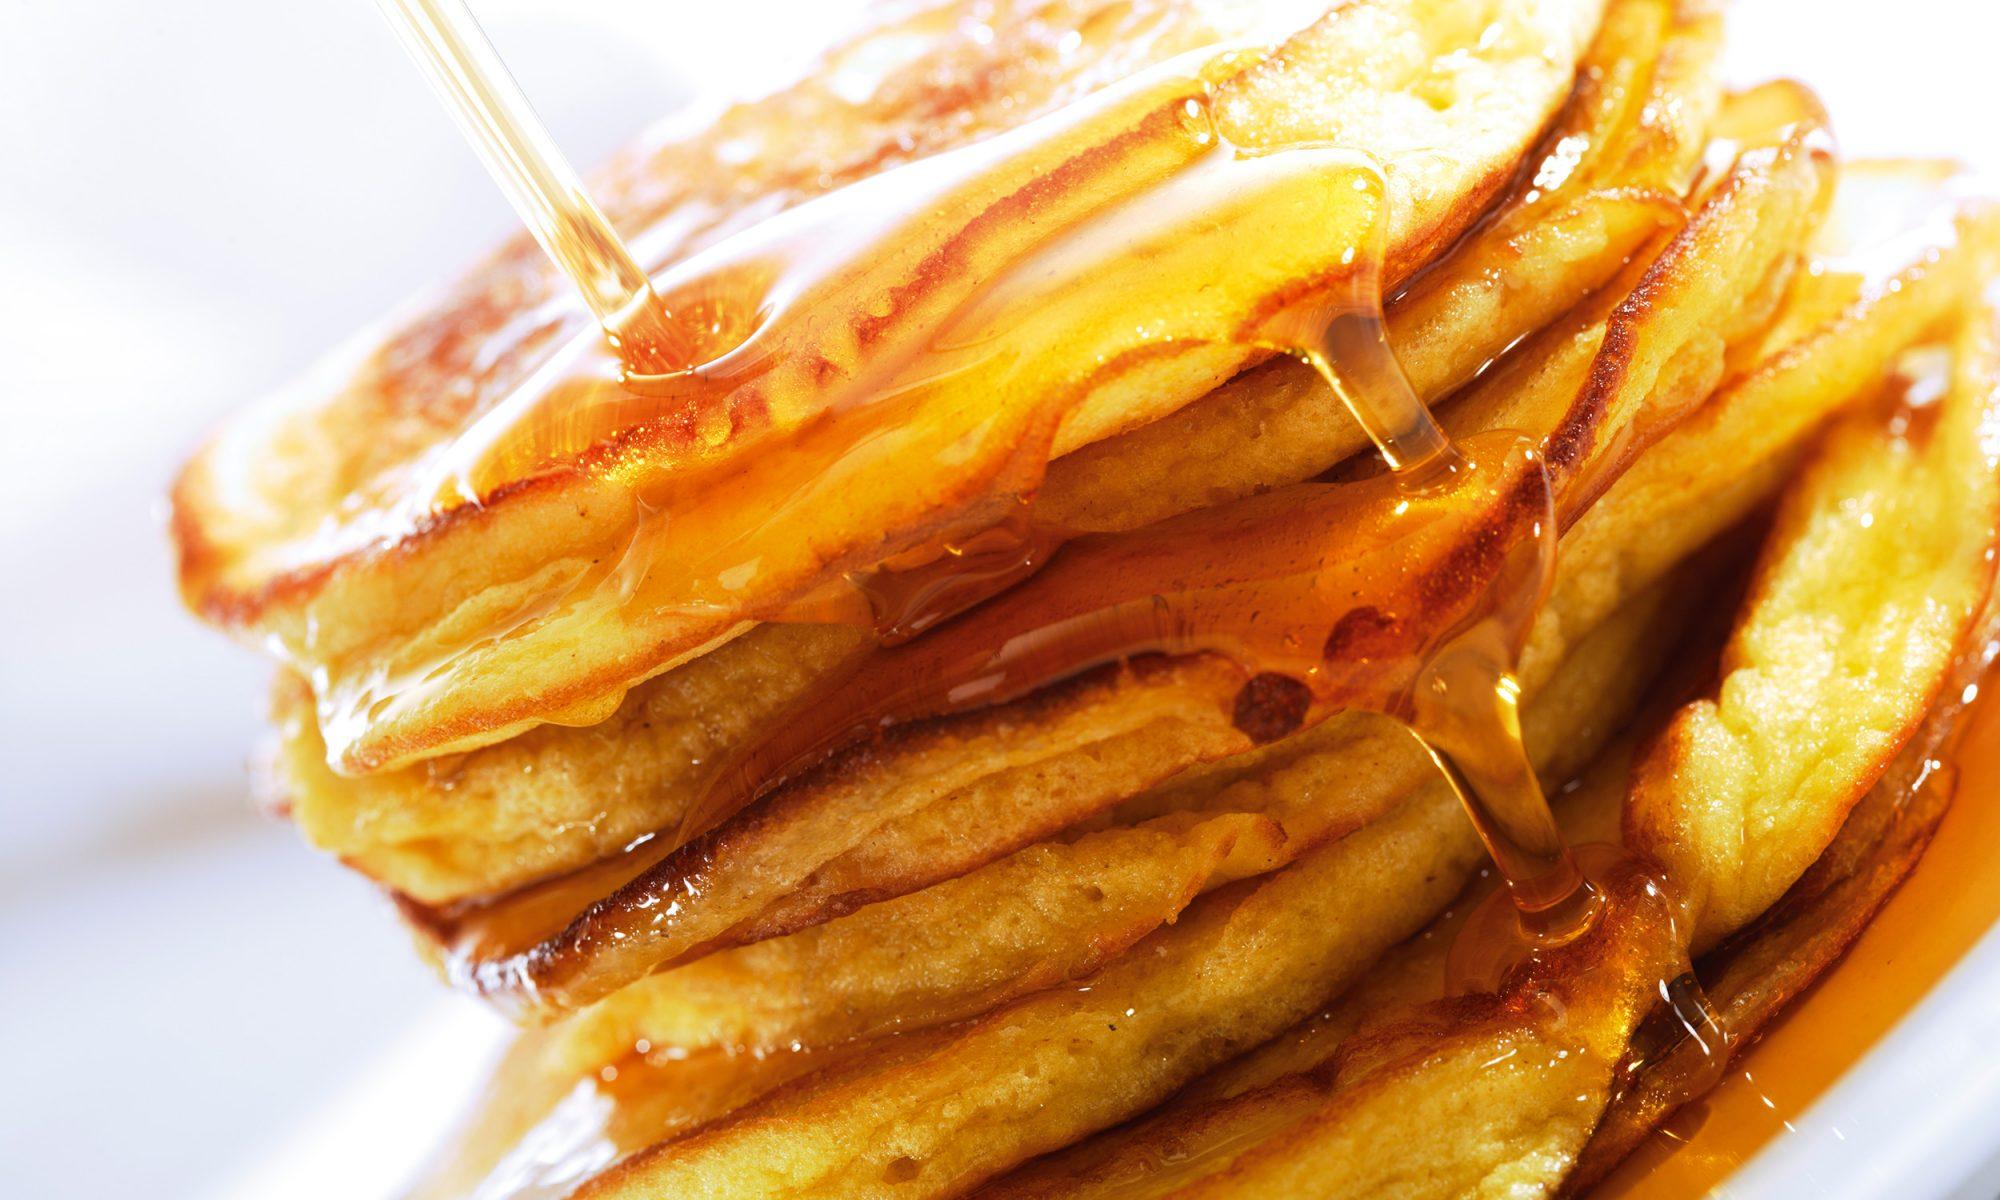 EC: 9 Pancake Recipes to Make for National Pancake Day